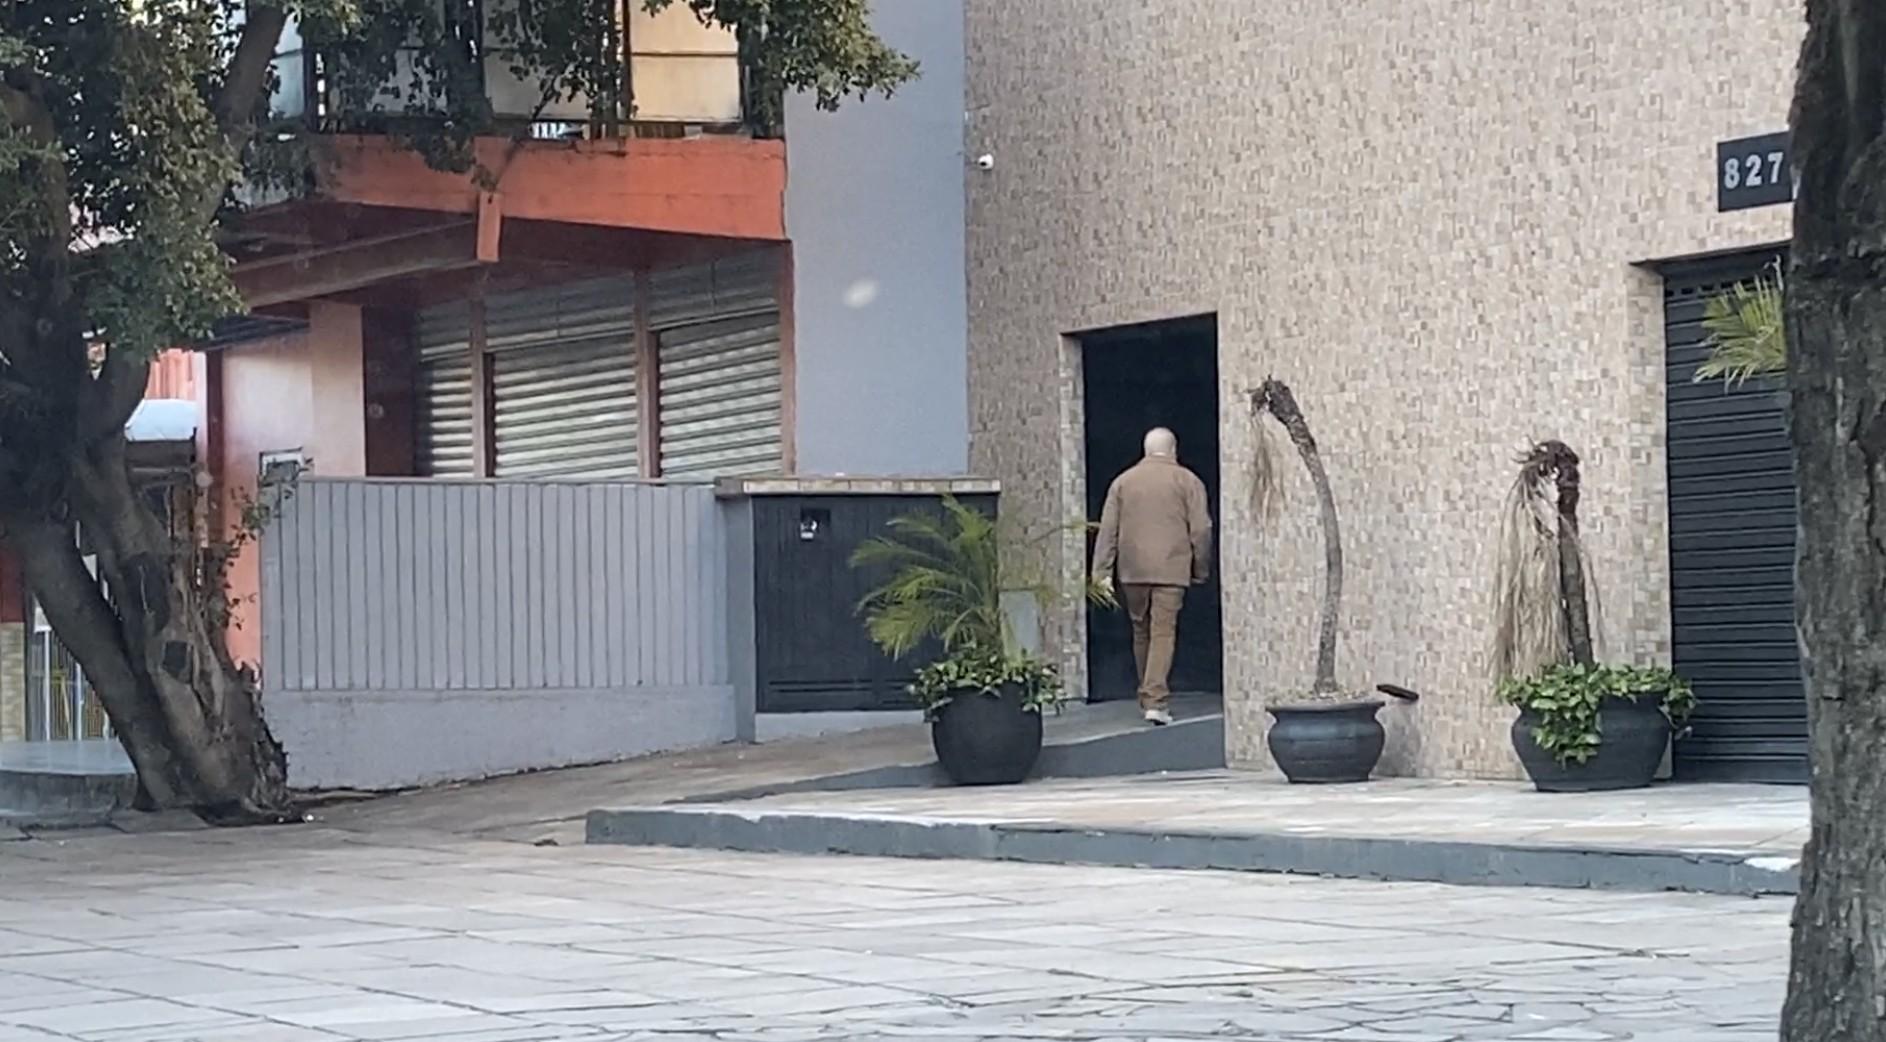 Polícia flagra bingos clandestinos funcionando durante a pandemia em Porto Alegre